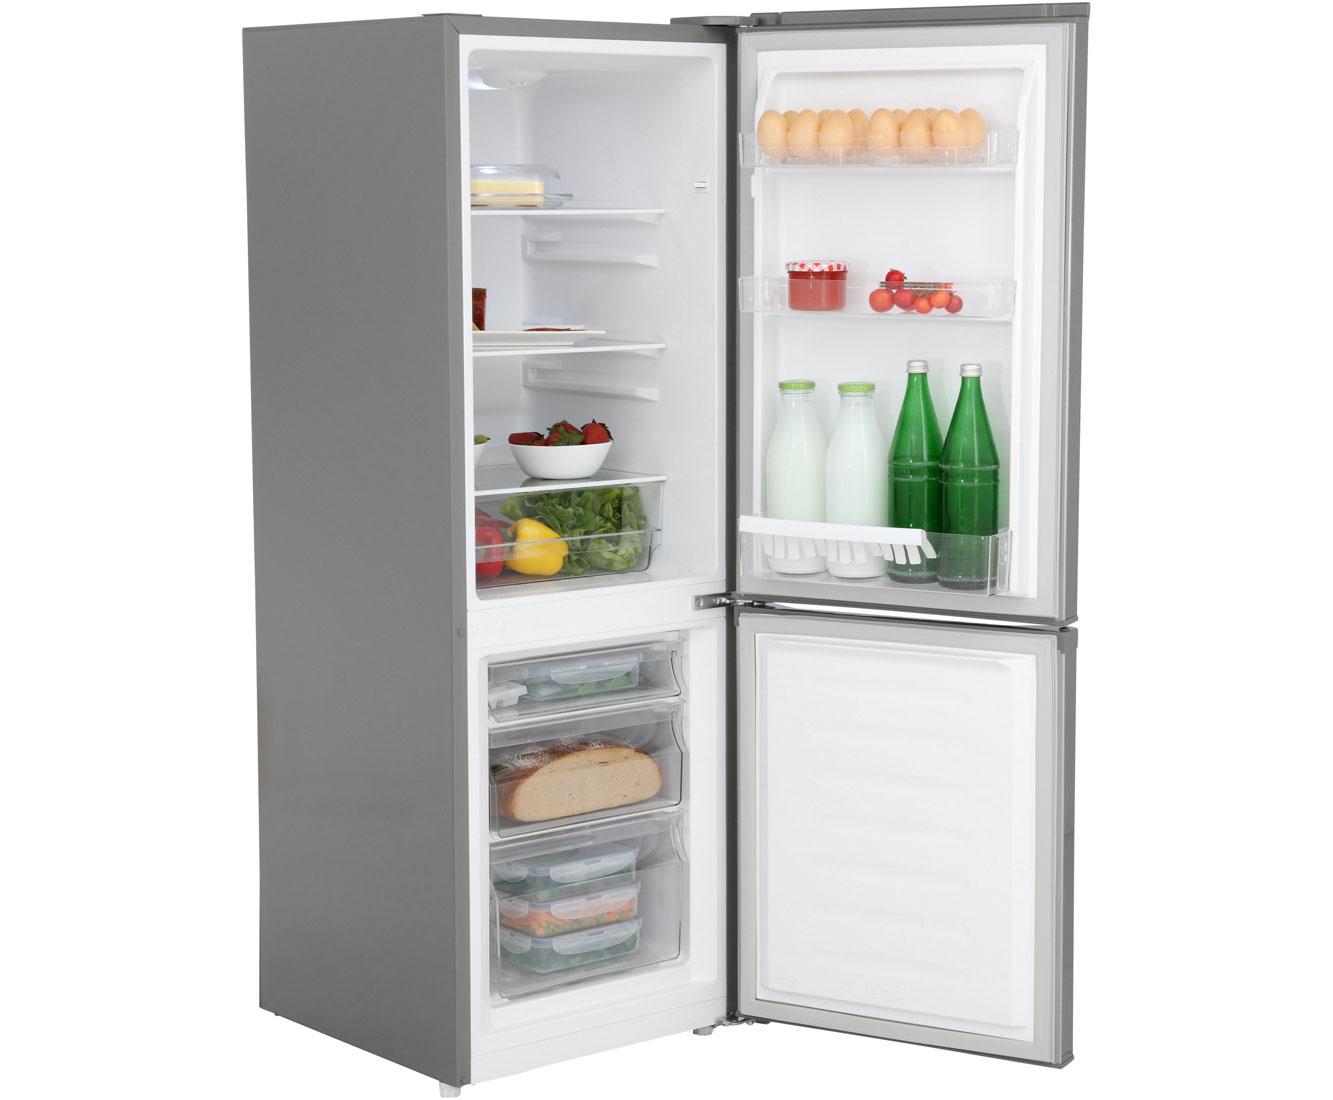 Bomann Kühlschrank Dtr 351 : Bomann kühlschrank gefrierkombi bomann kühl gefrierkombination